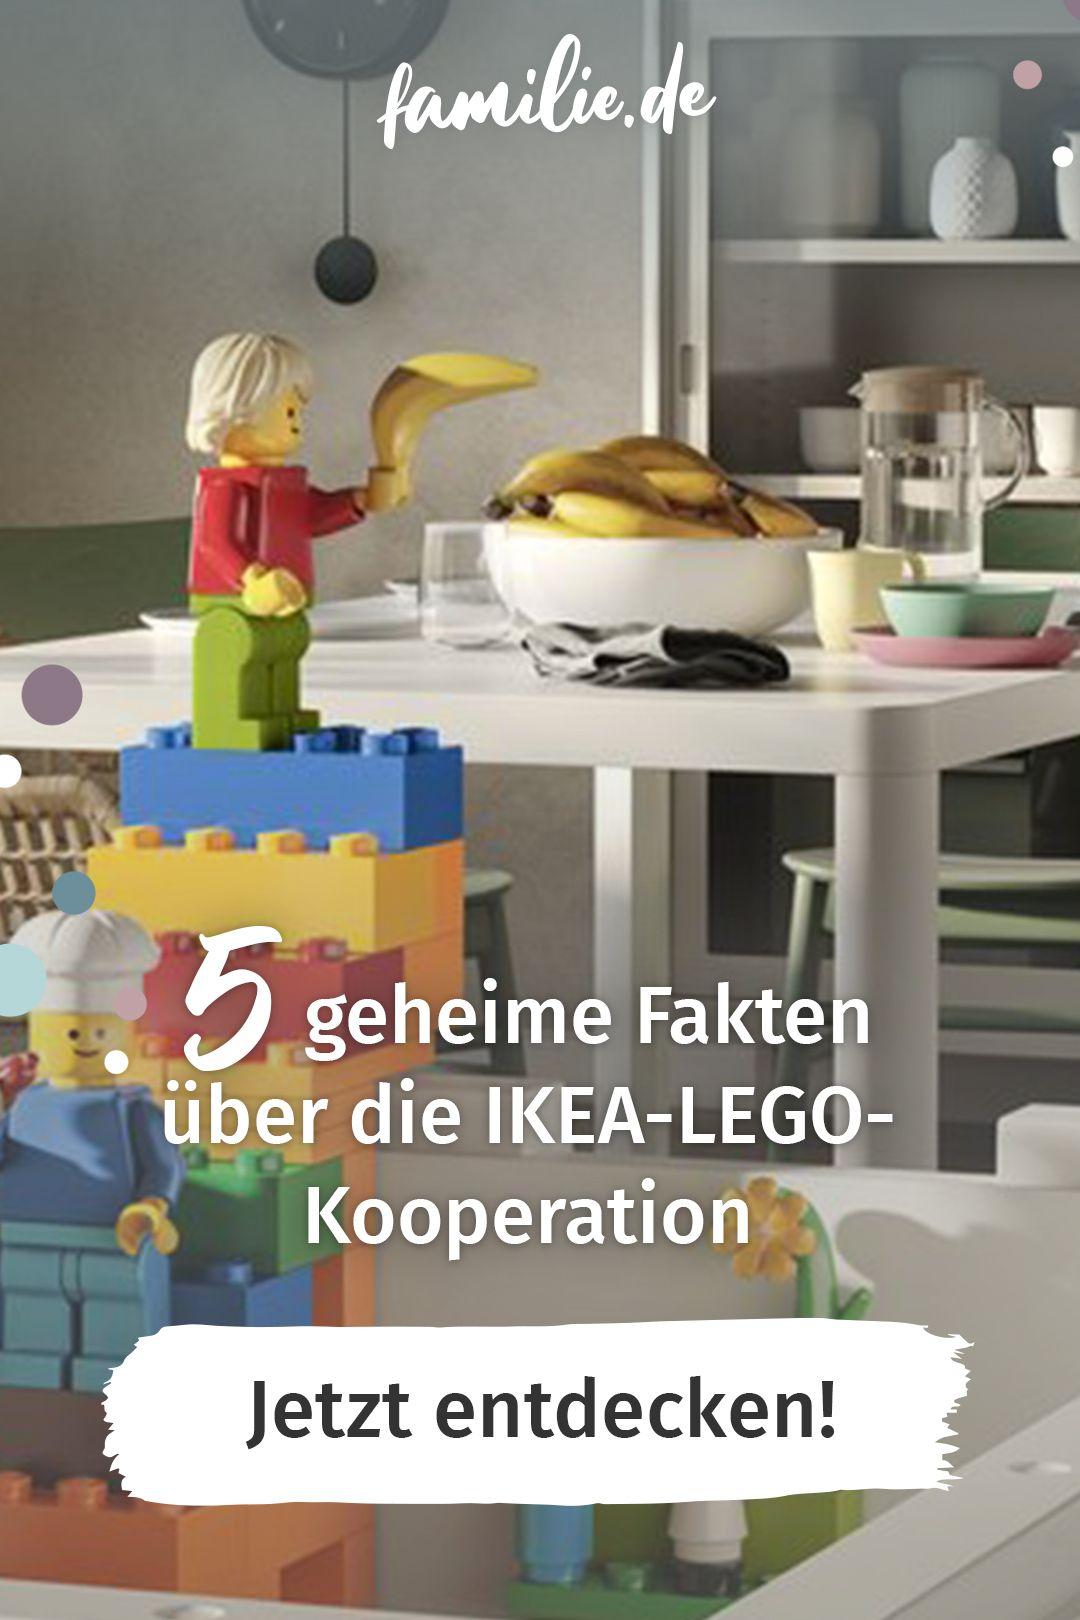 Ikea Fakten